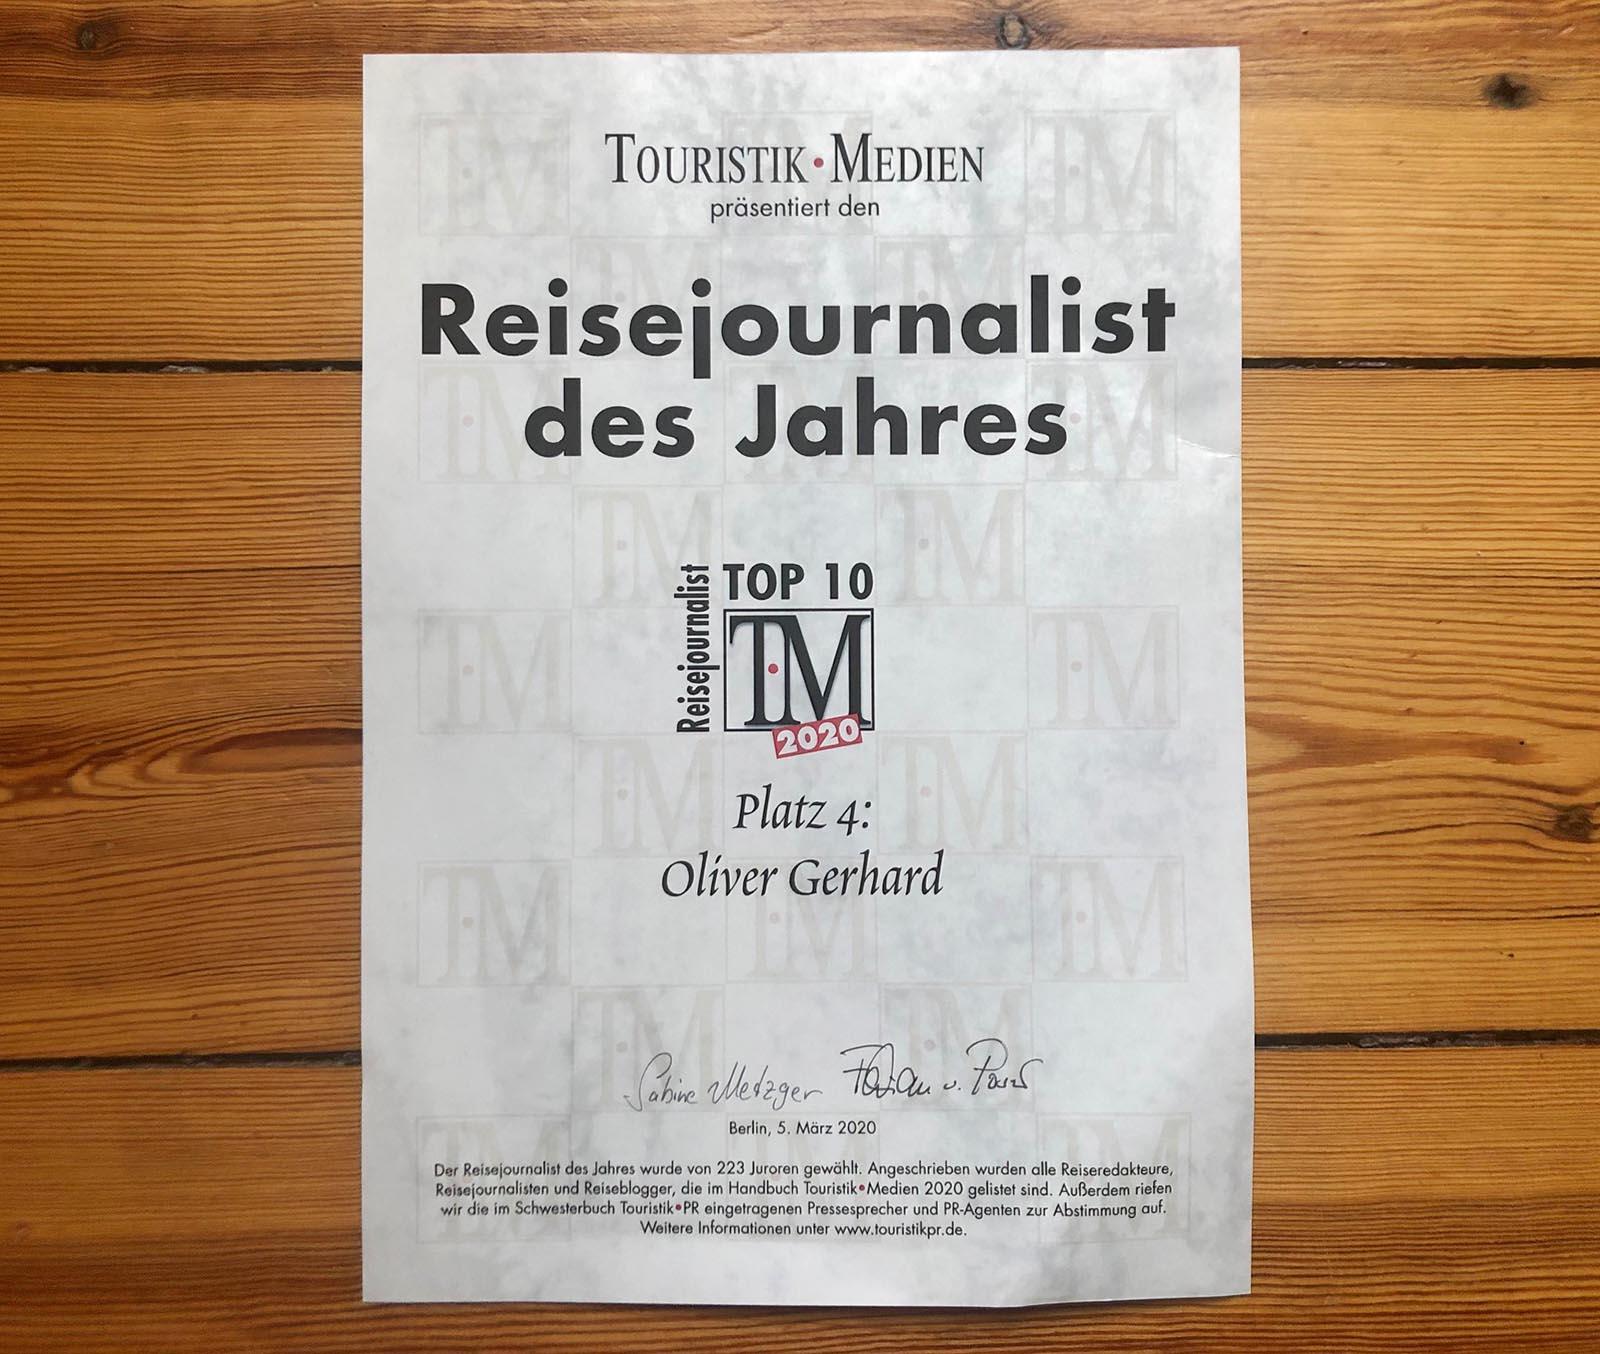 Reisejournalisten des Jahres